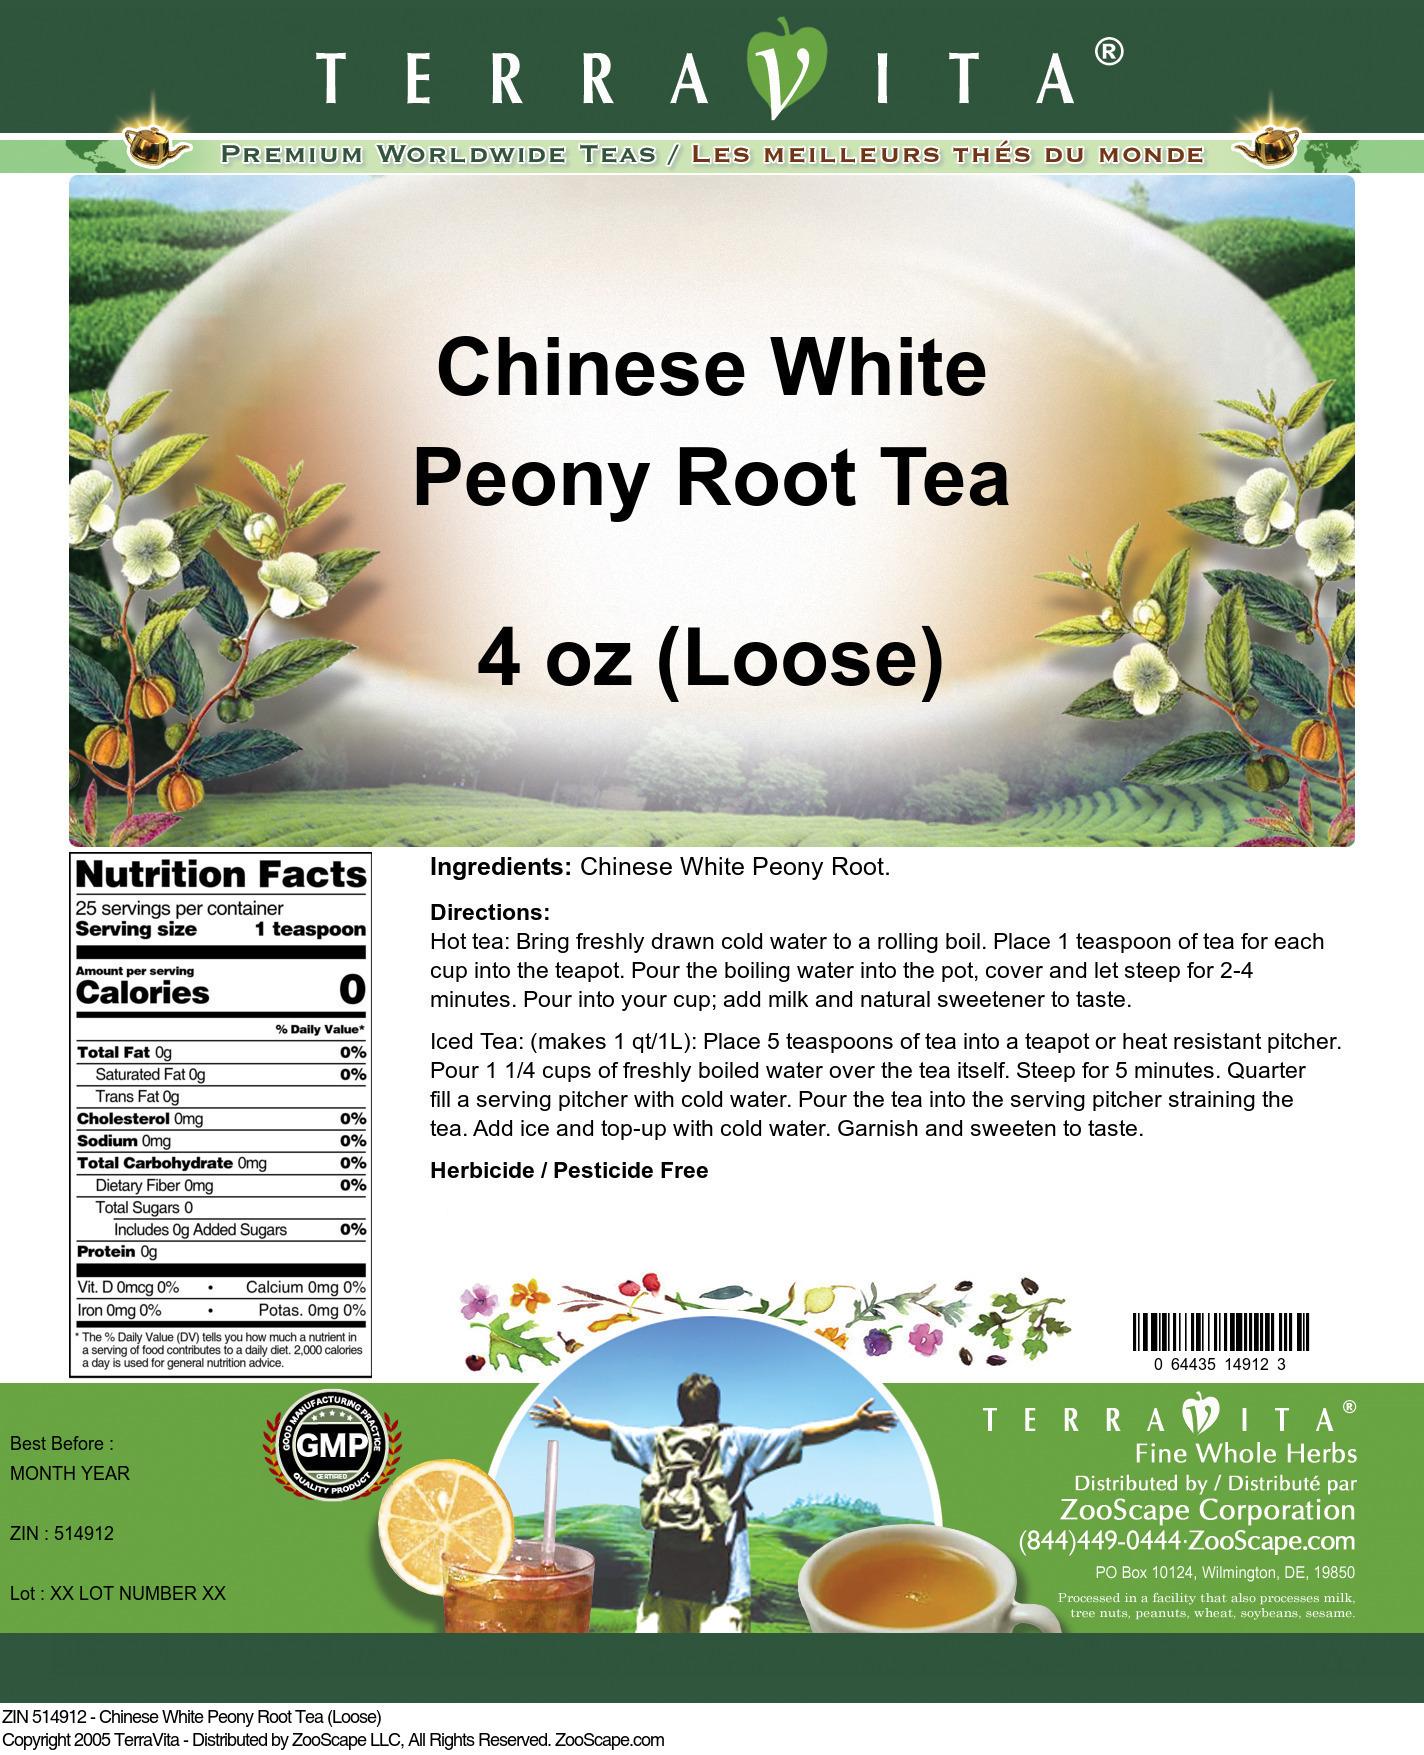 Chinese White Peony Root Tea (Loose)